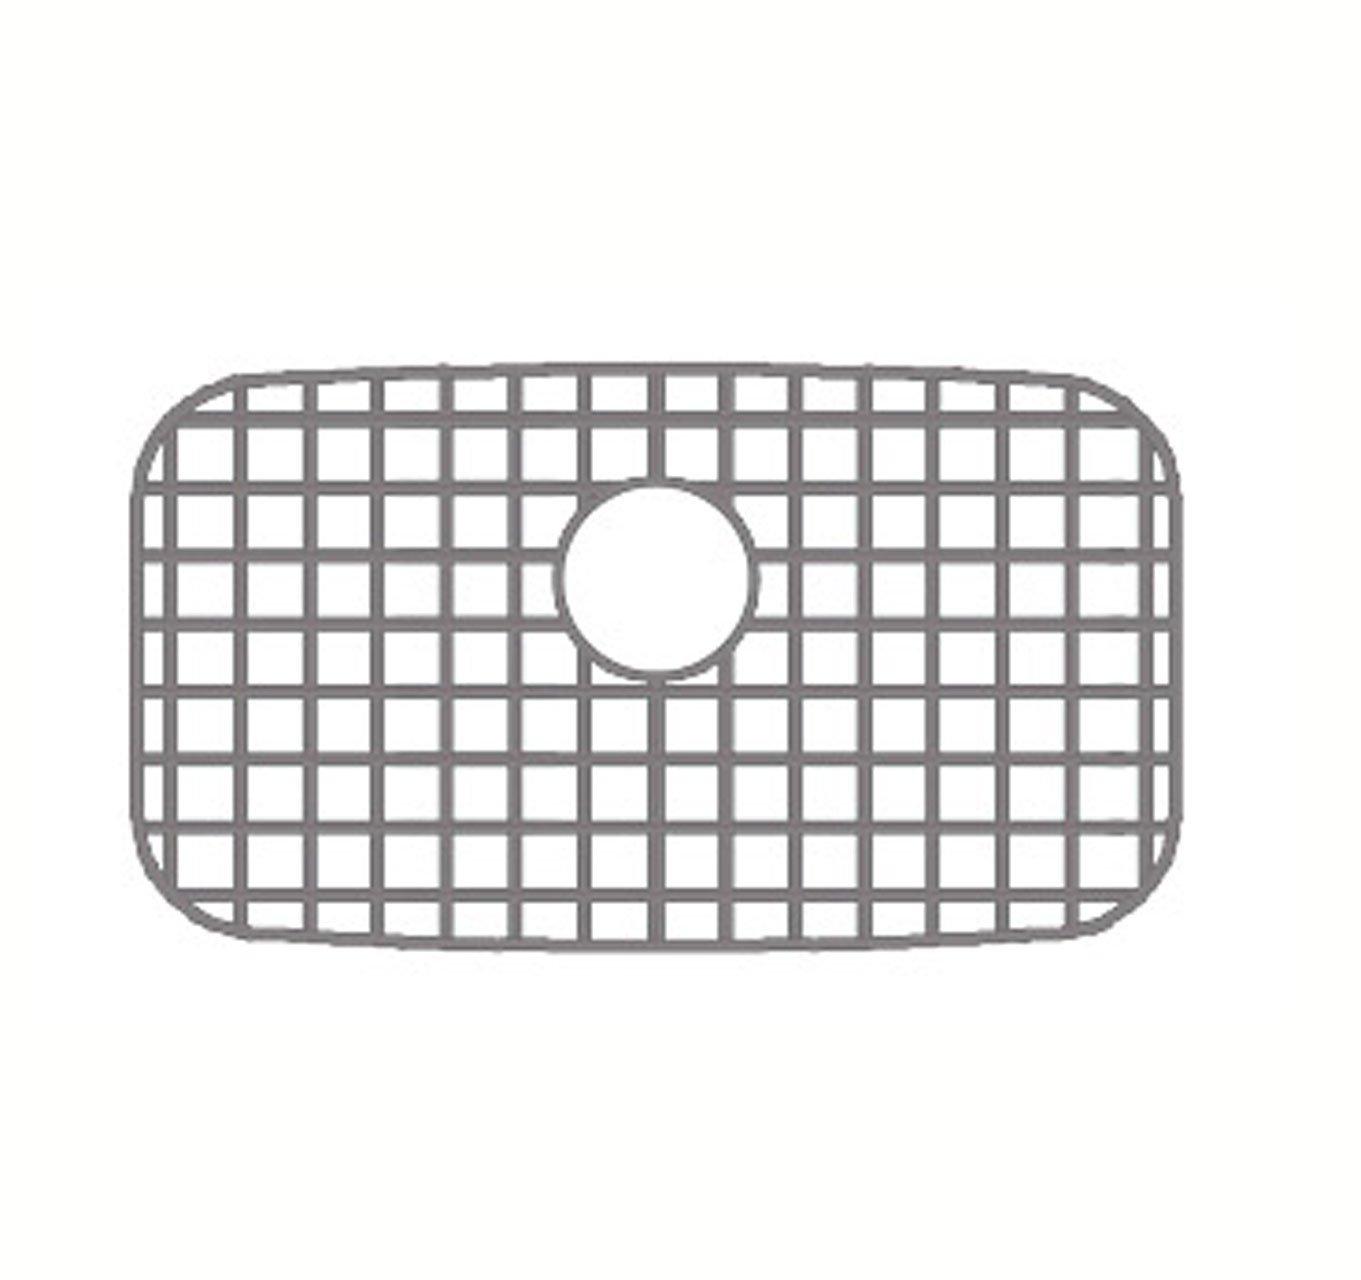 Alfi commercio whncus2917g lavandino in acciaio inox grid- in acciaio inox